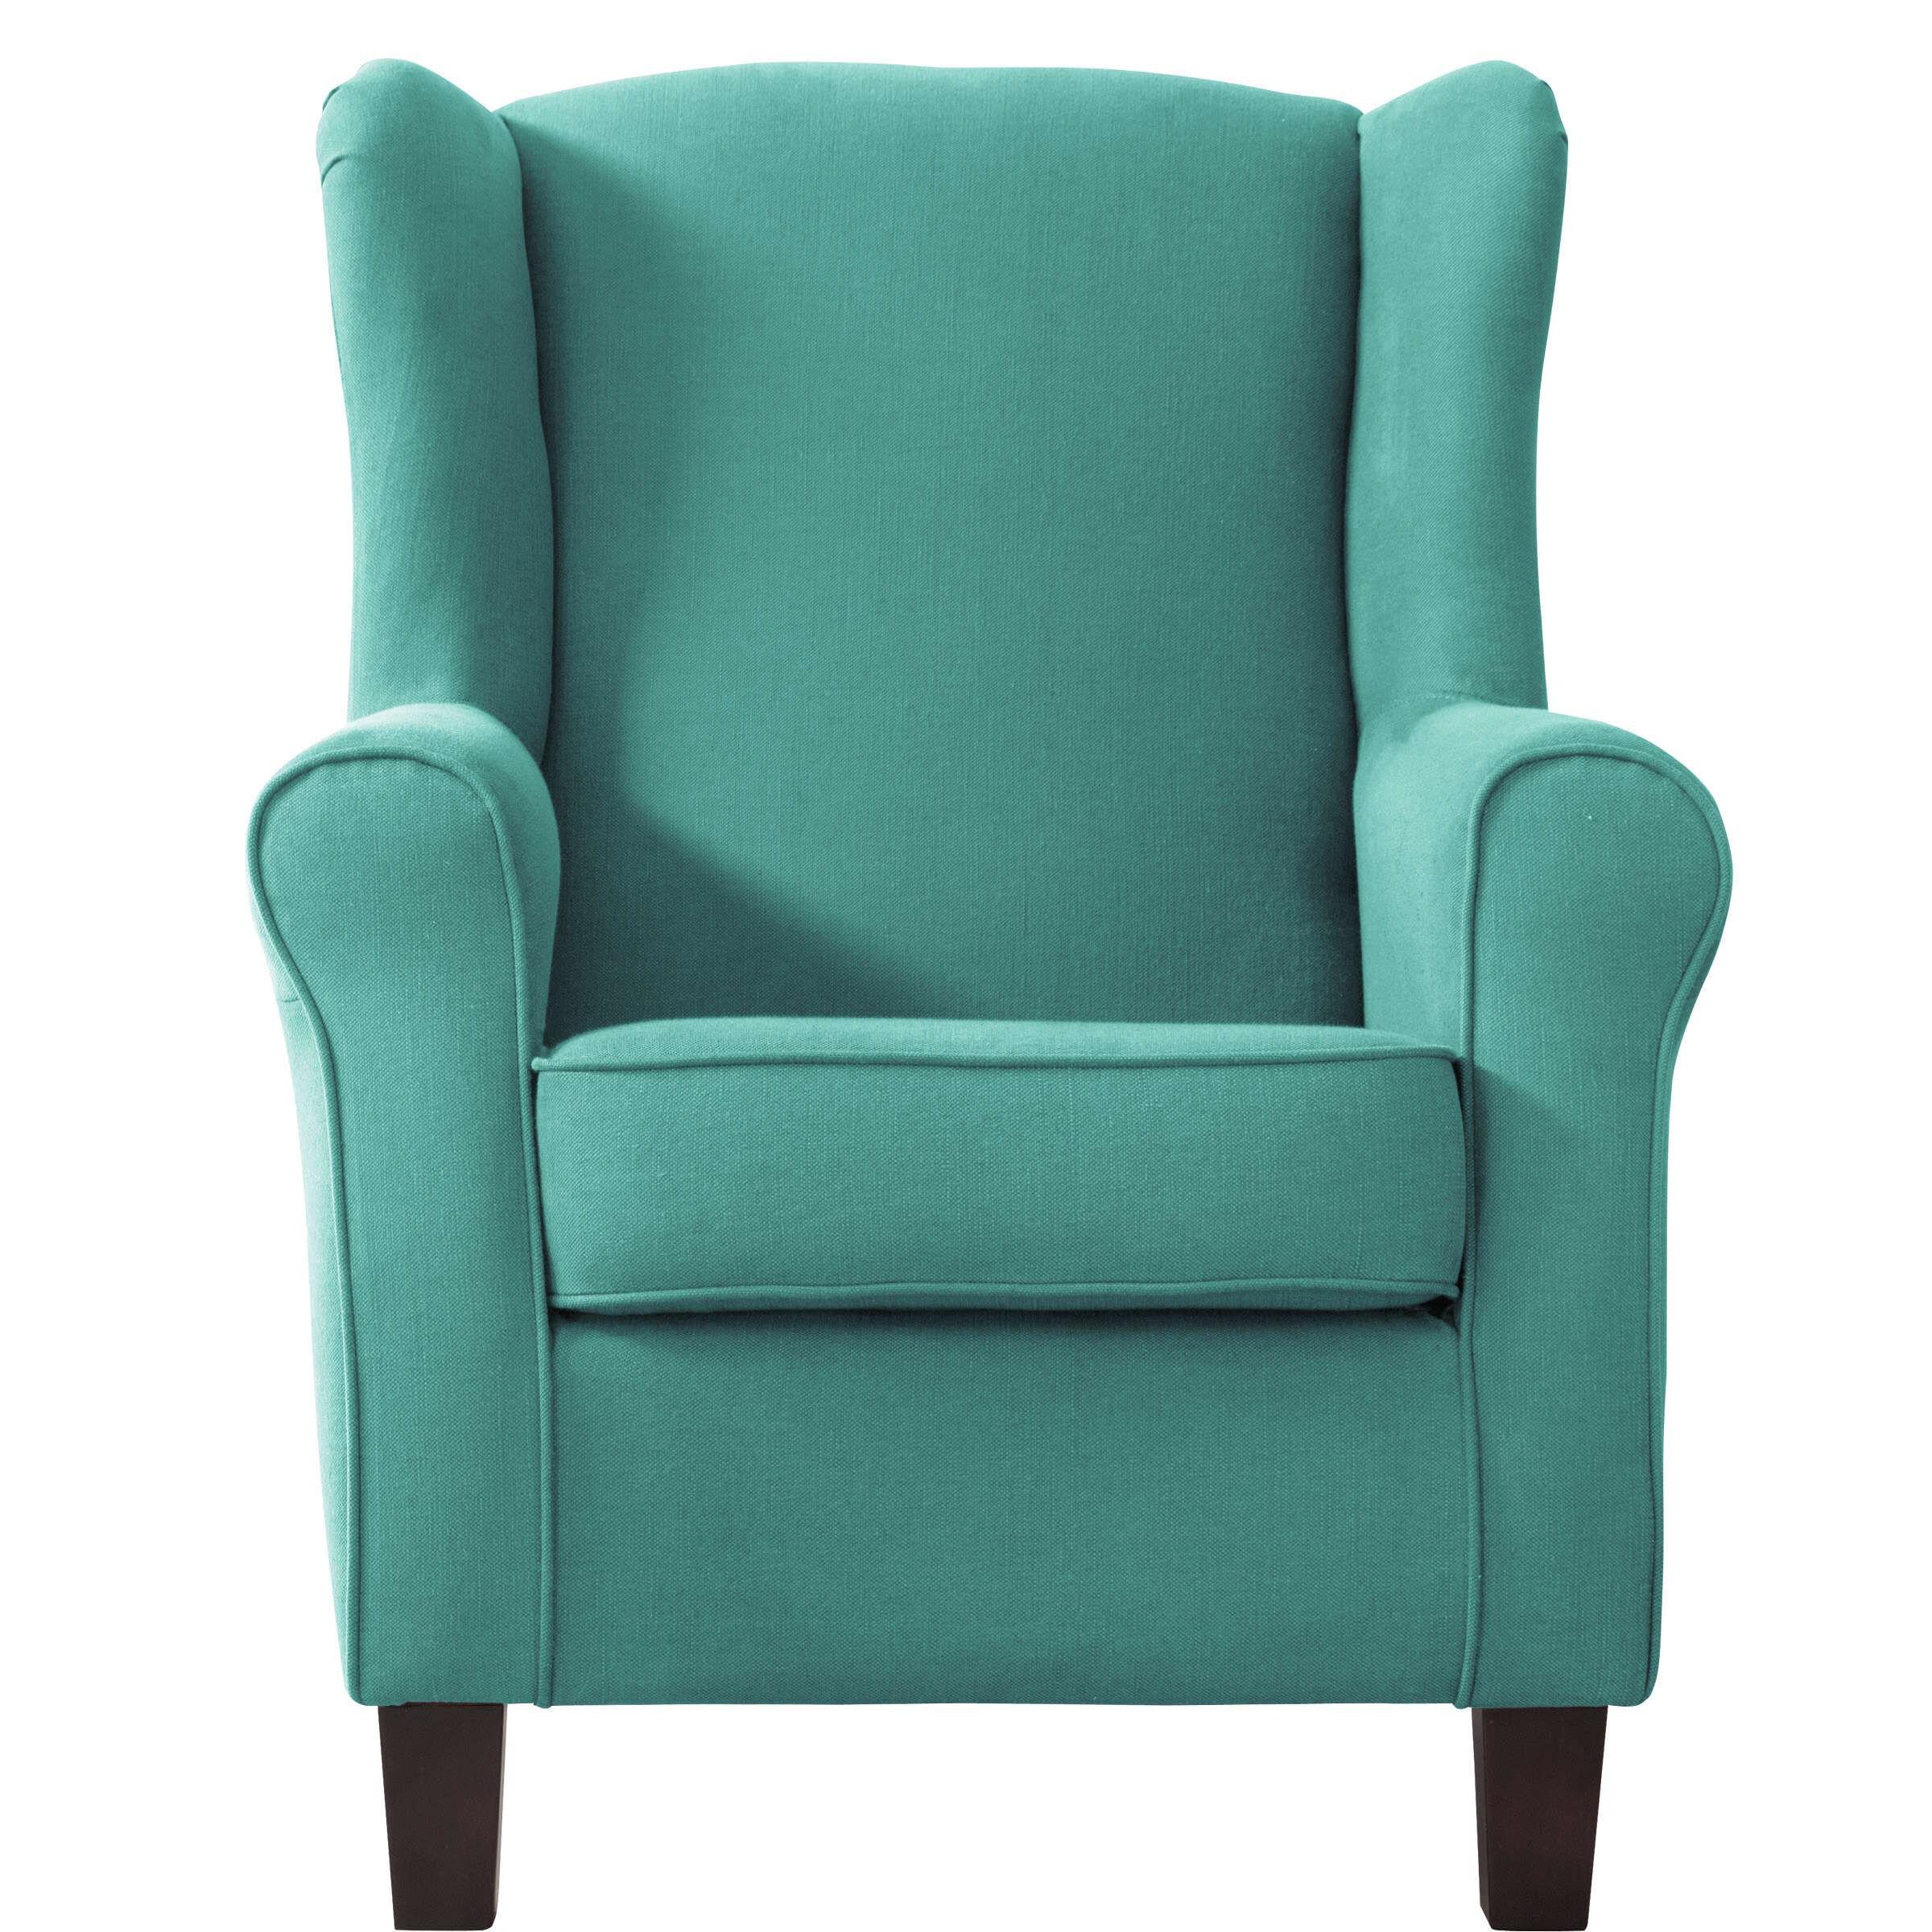 Schön Stilvolle Und Bequeme Sitzmöbel Designs Von Anderssen U0026 Voll, Möbel